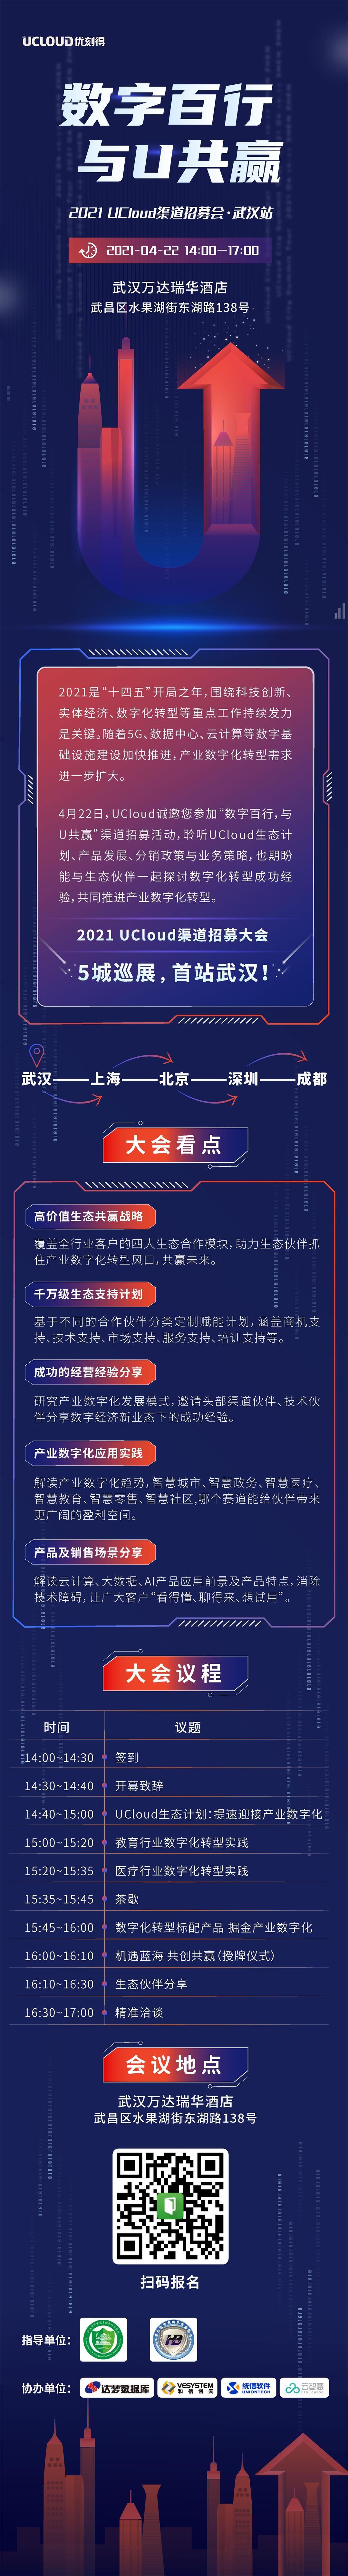 长图海报 新增合作伙伴.jpg